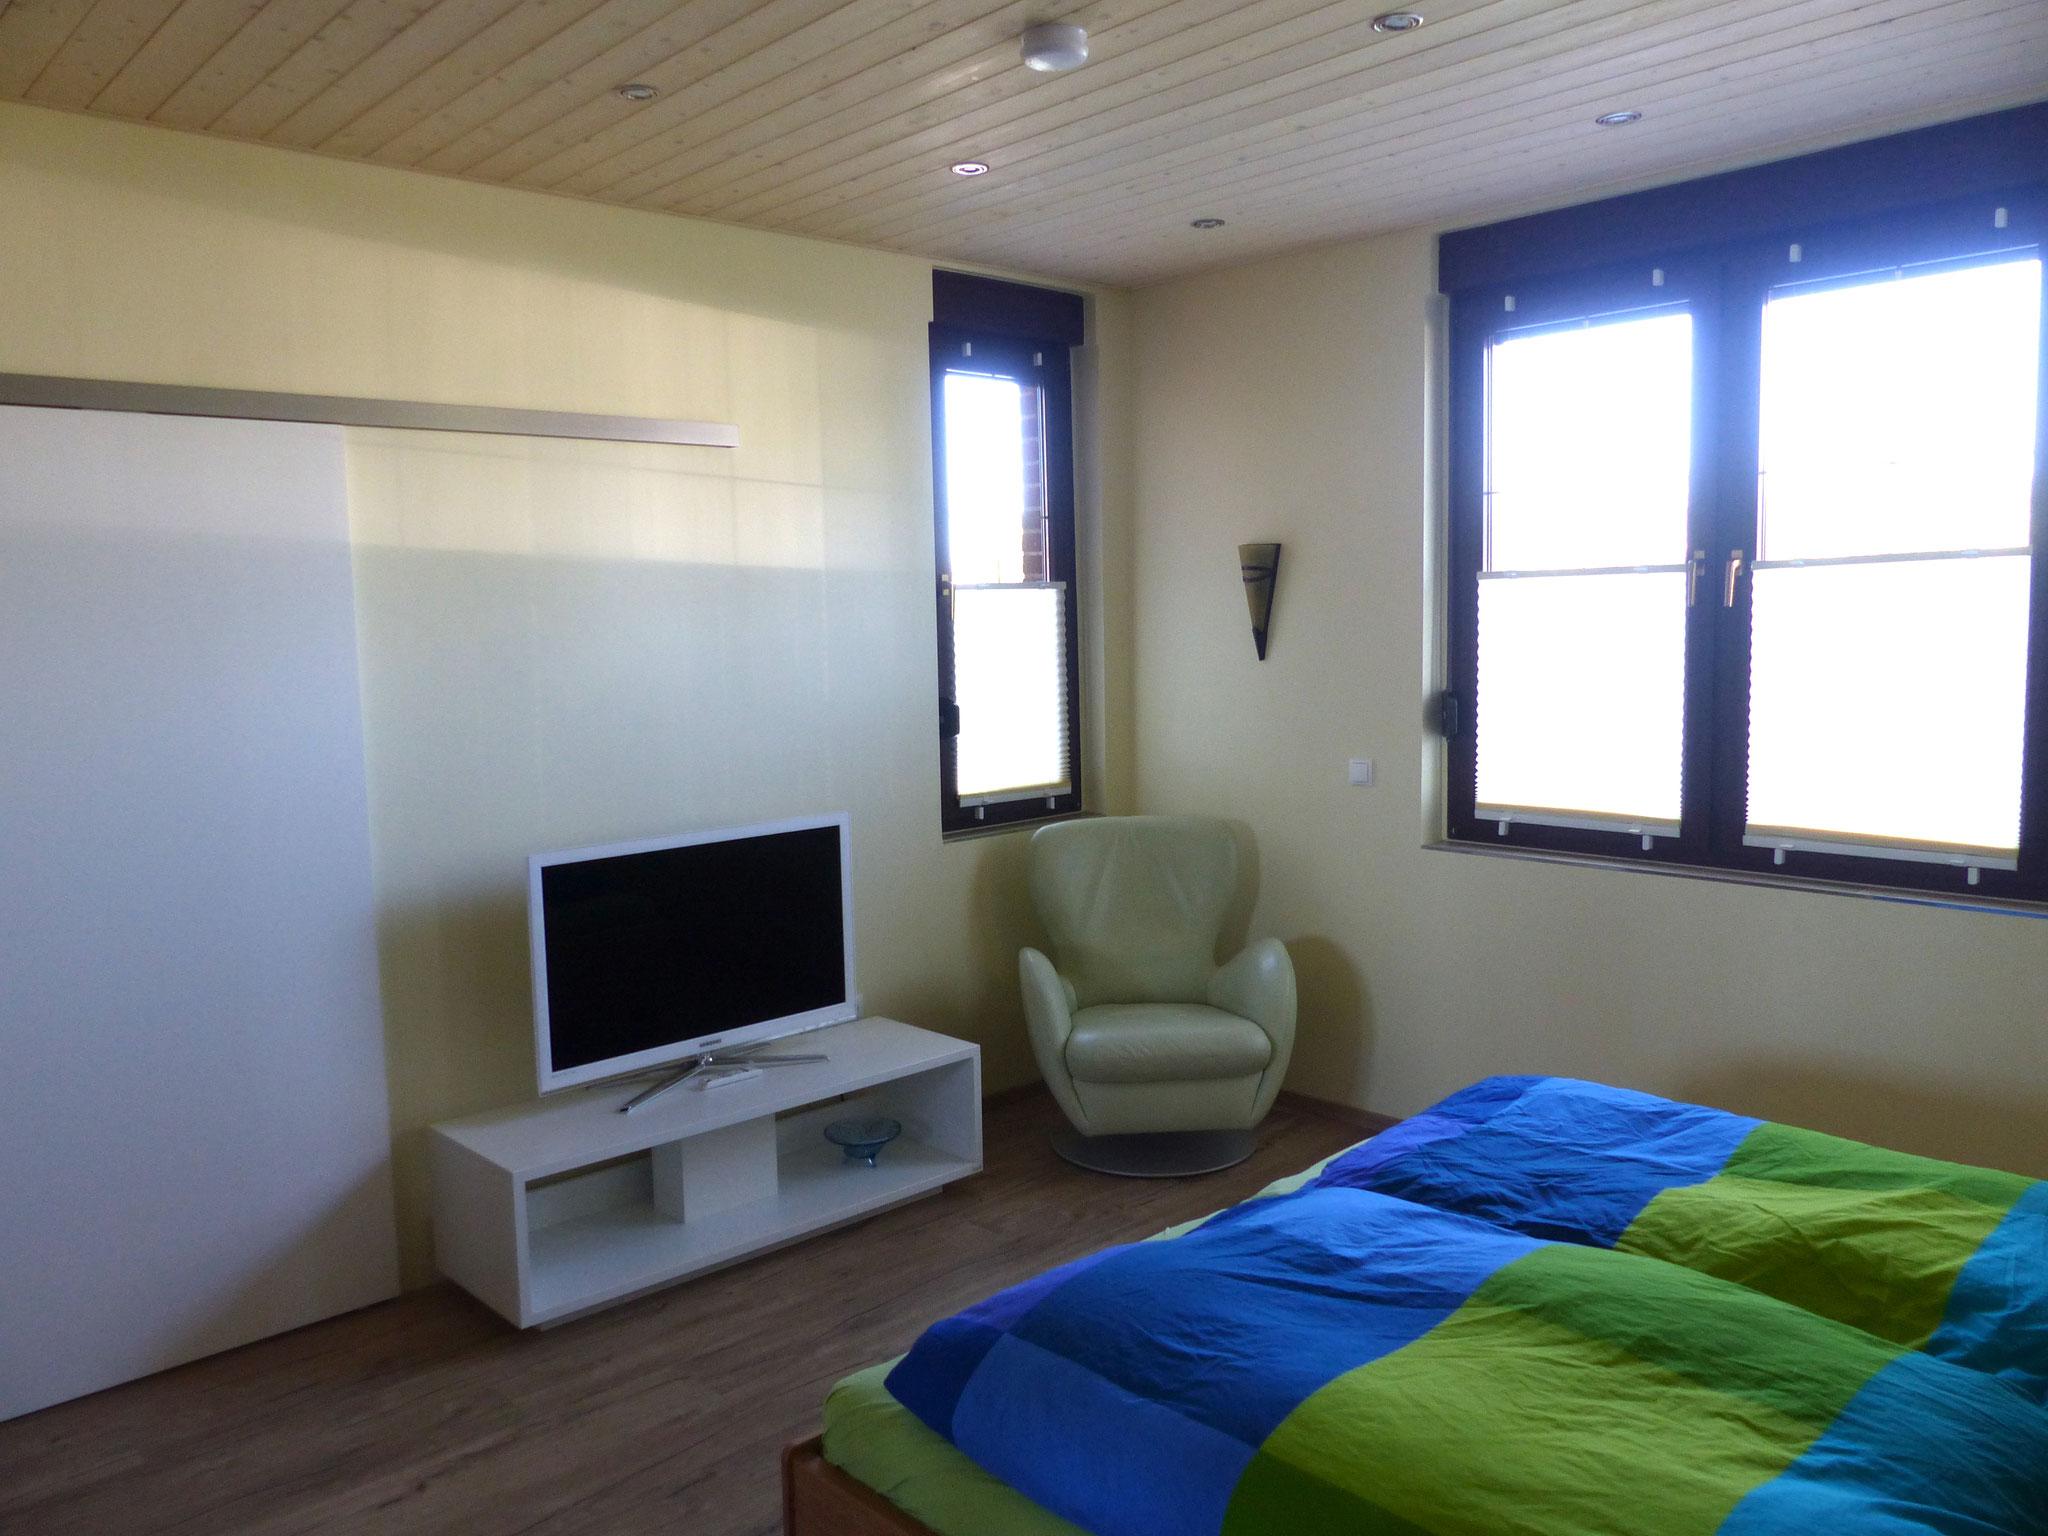 Schlafzimmer groß mit TV